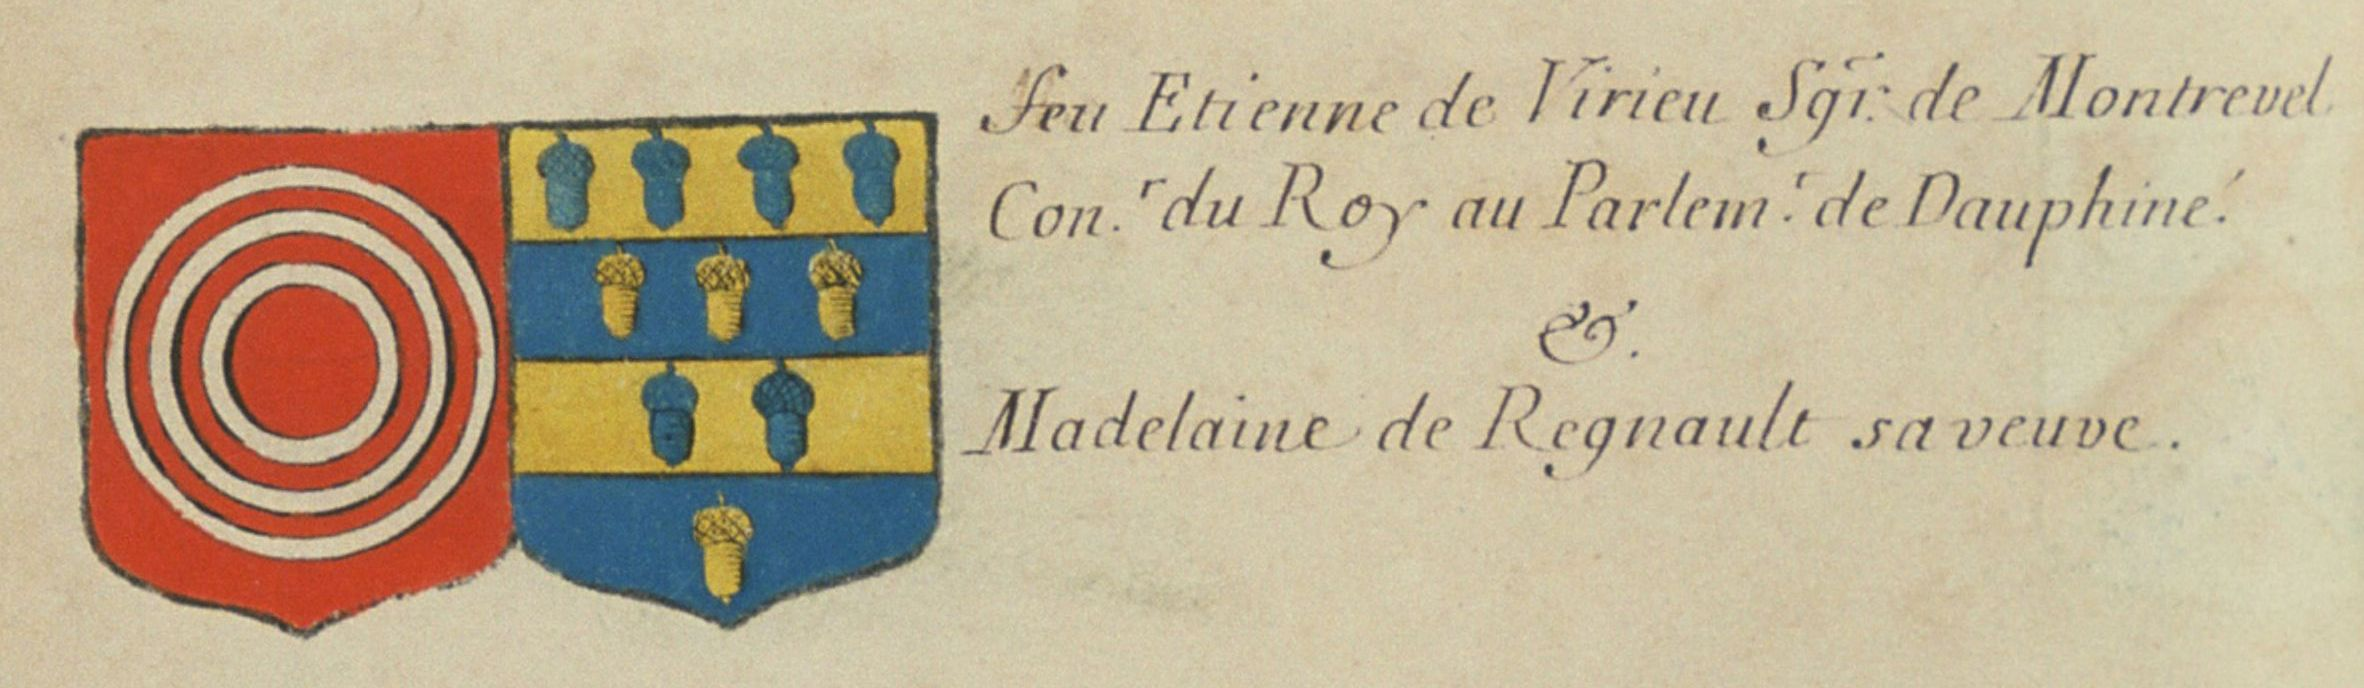 Blason d'Étienne de Virieu